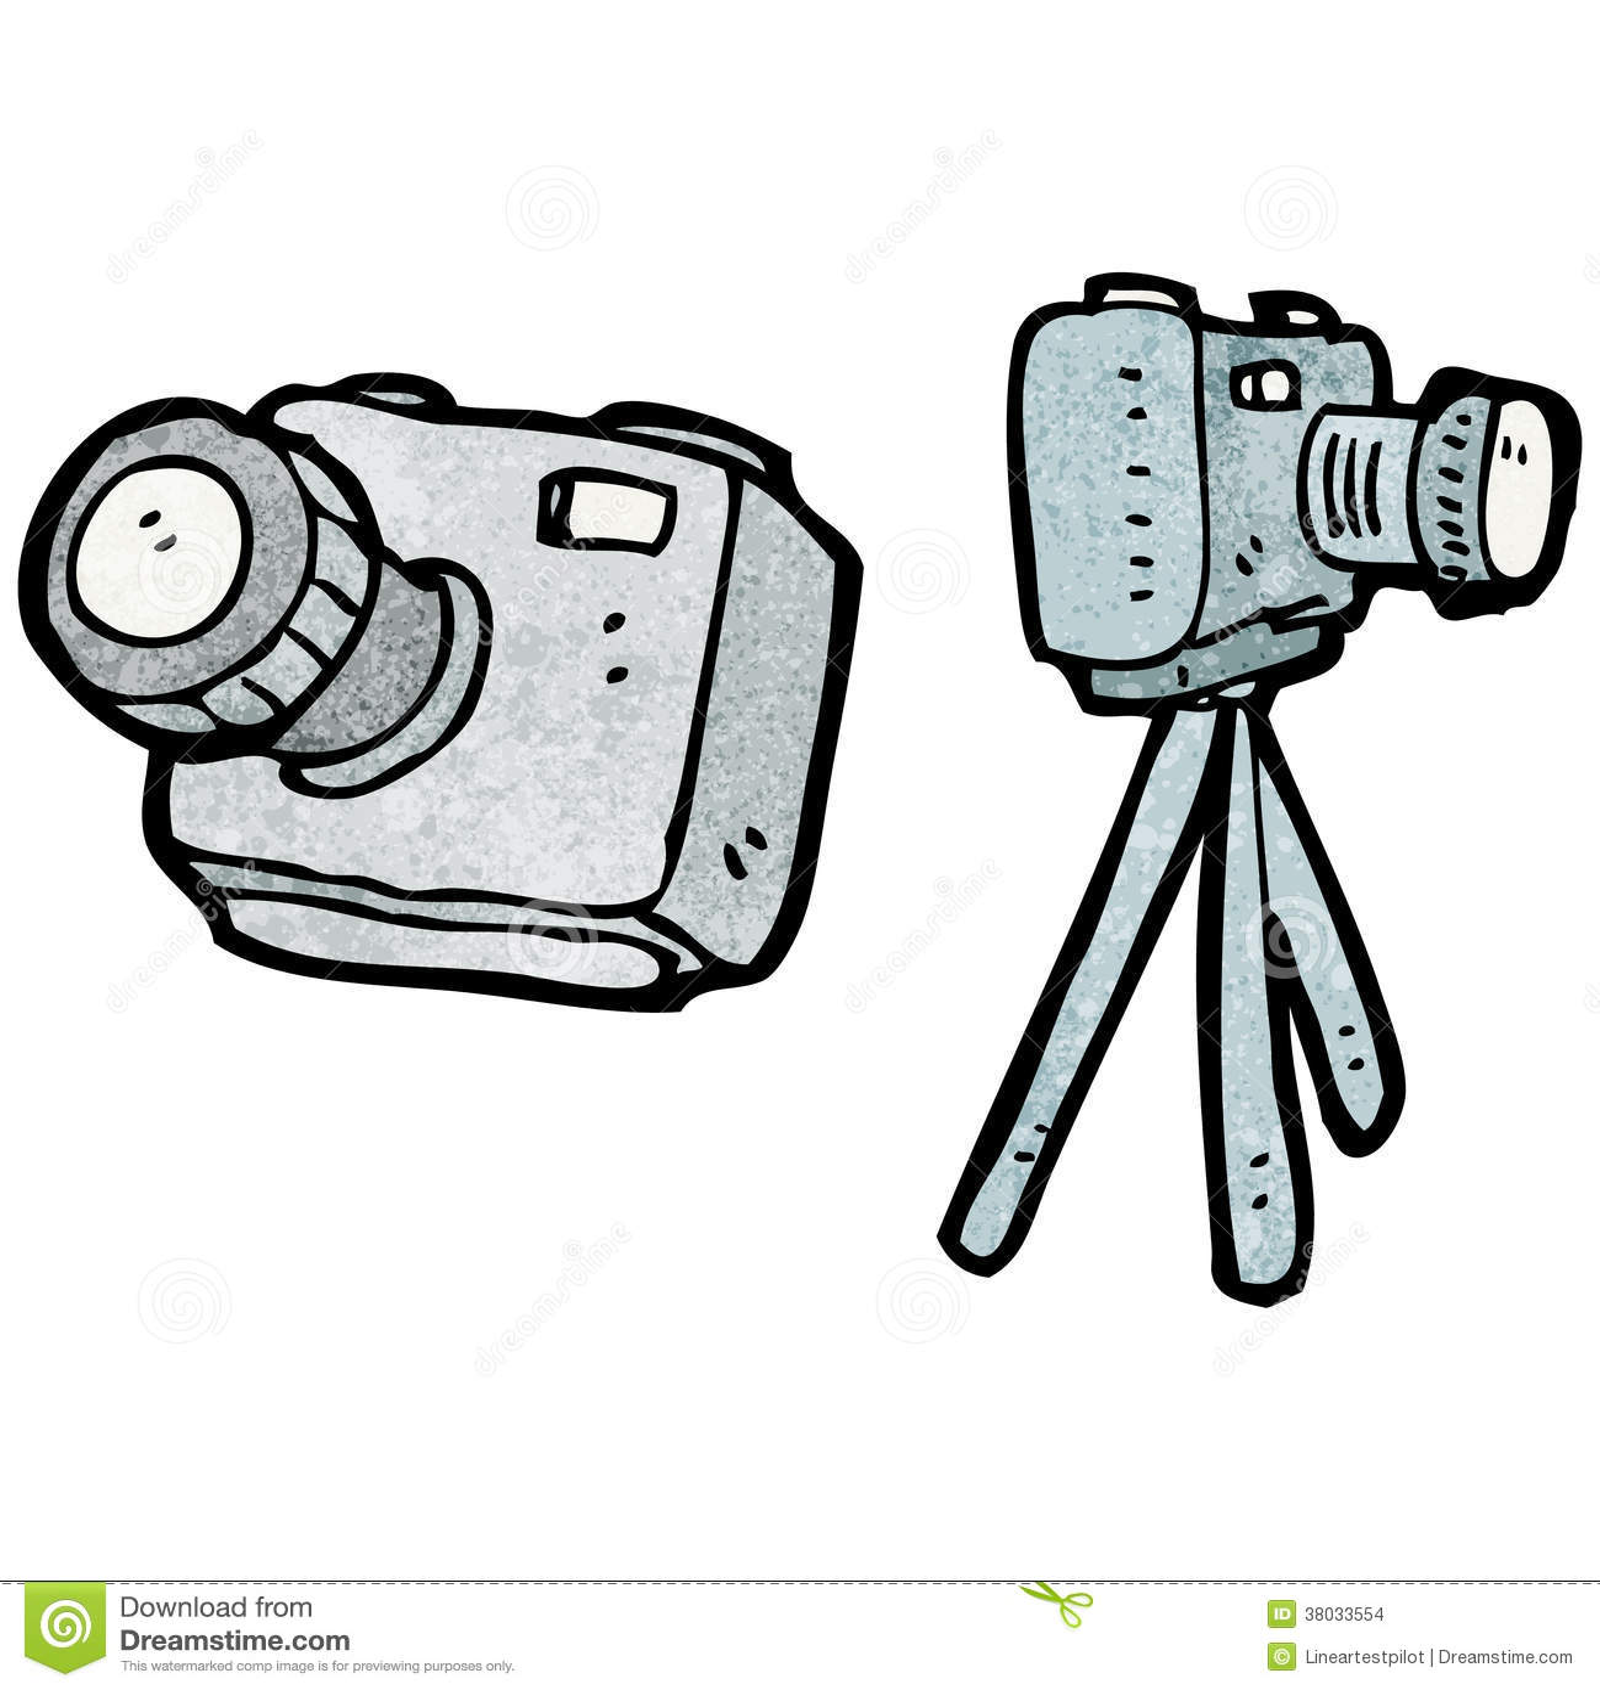 tecknad filmkamera vektor illustrationer bild av texturerat 38033554. Black Bedroom Furniture Sets. Home Design Ideas